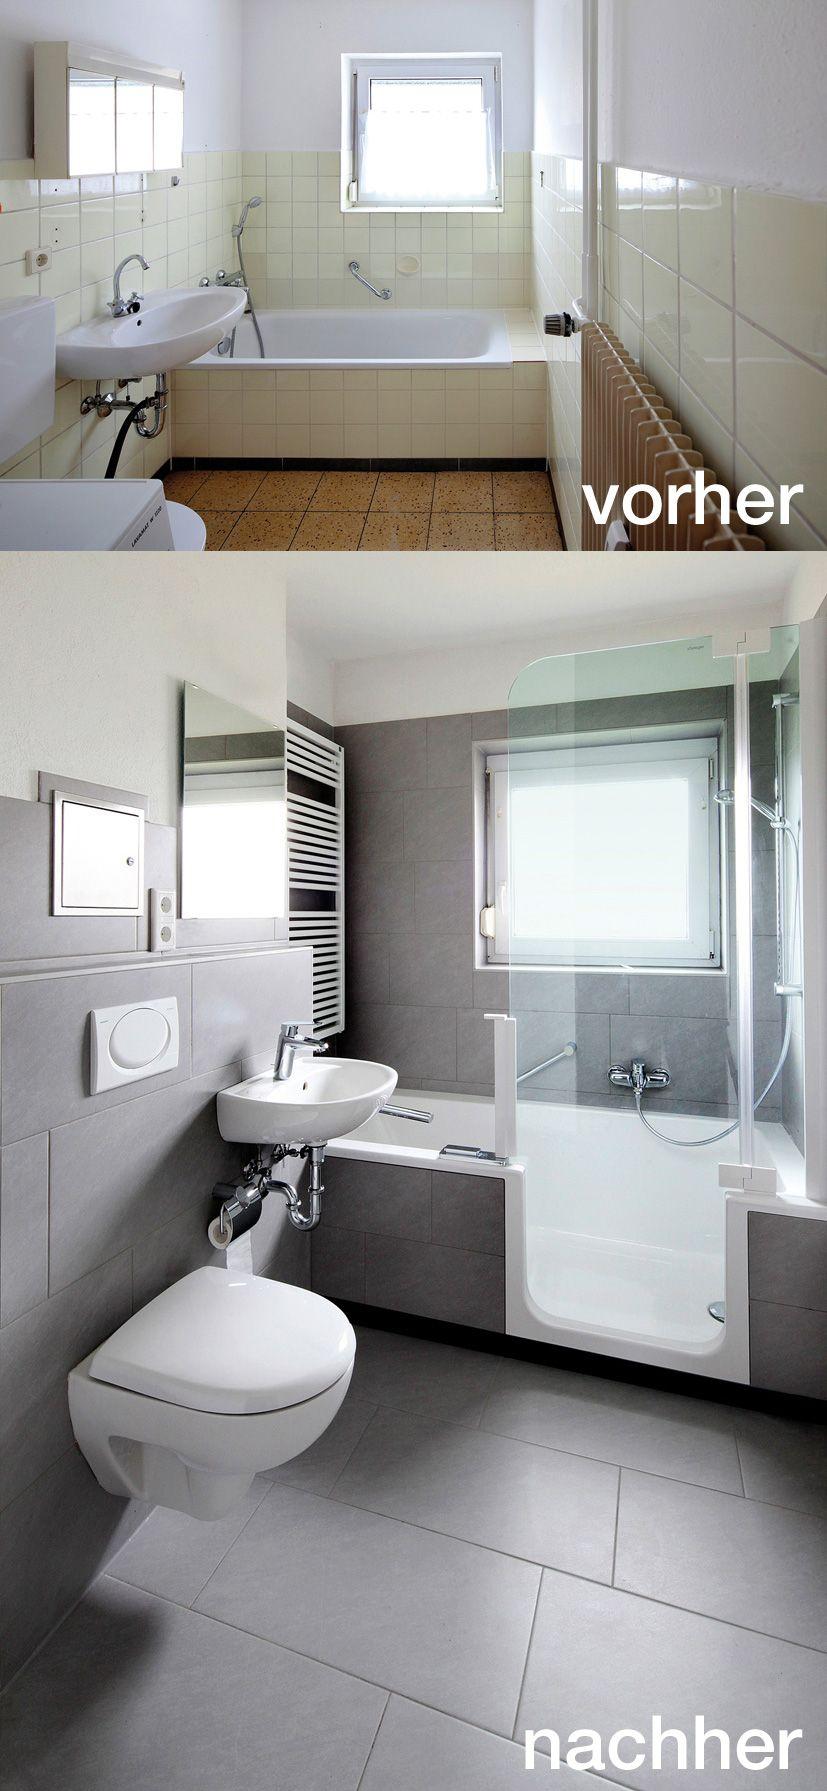 Badezimmer ideen mit wanne badrenovierung mit twinline  duschbadewanne teilversenkt mit nur